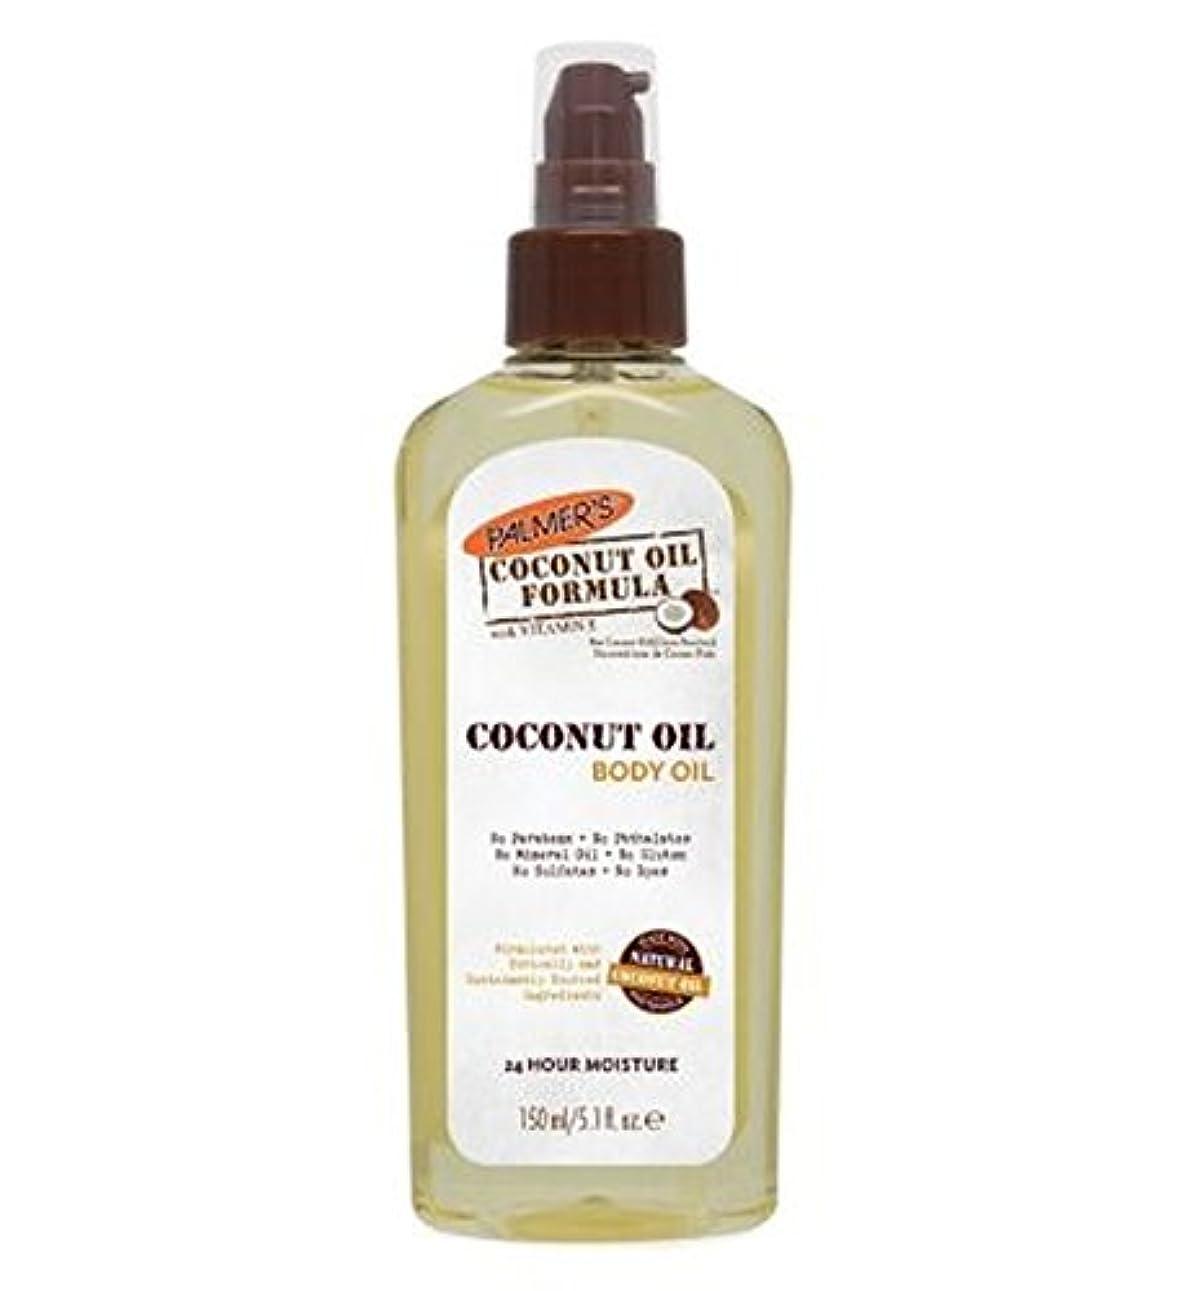 クリッククルー遠洋のパーマーのココナッツオイル式ボディオイル150ミリリットル (Palmer's) (x2) - Palmer's Coconut Oil Formula Body Oil 150ml (Pack of 2) [並行輸入品]